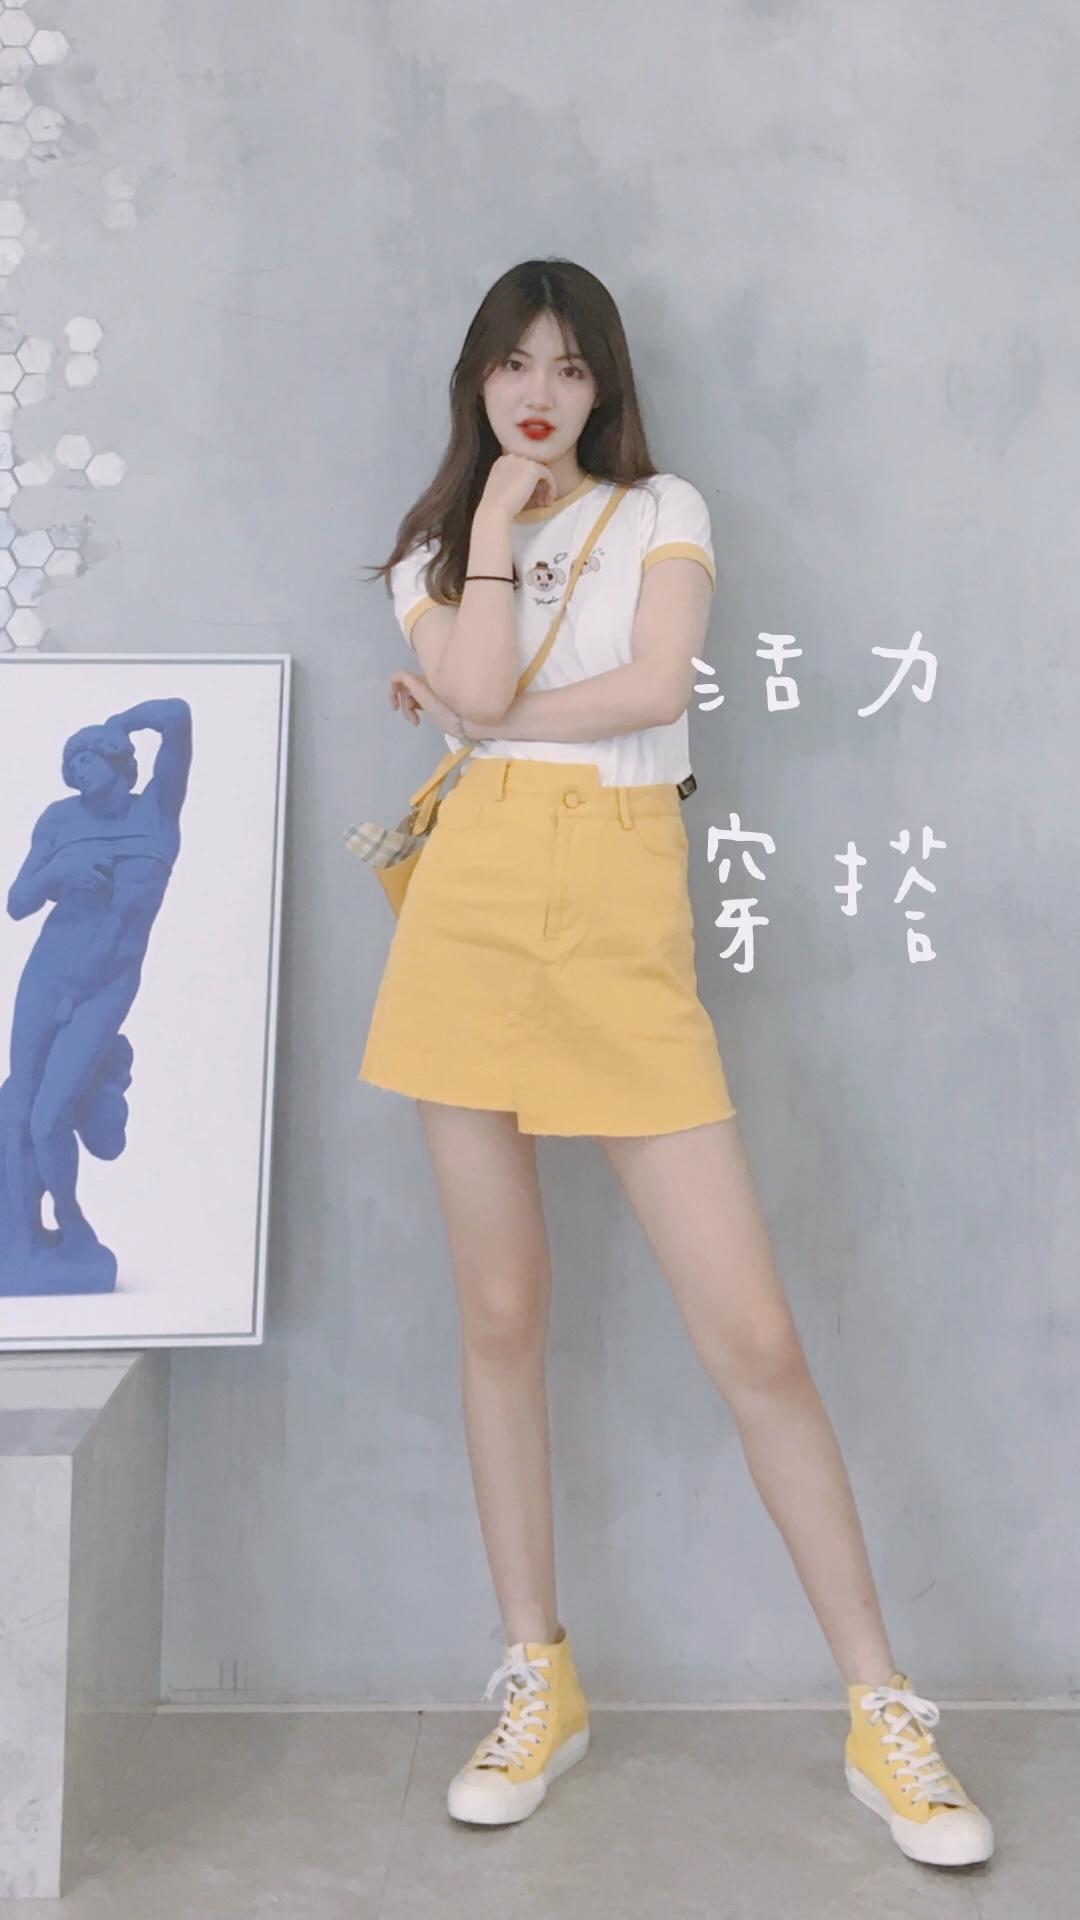 #抓住夏天小尾巴,做元气美少女!# 短袖:塔卡沙 半身裙:森马 运动鞋:MATNUT 斜挎包:ur 🌼🌼